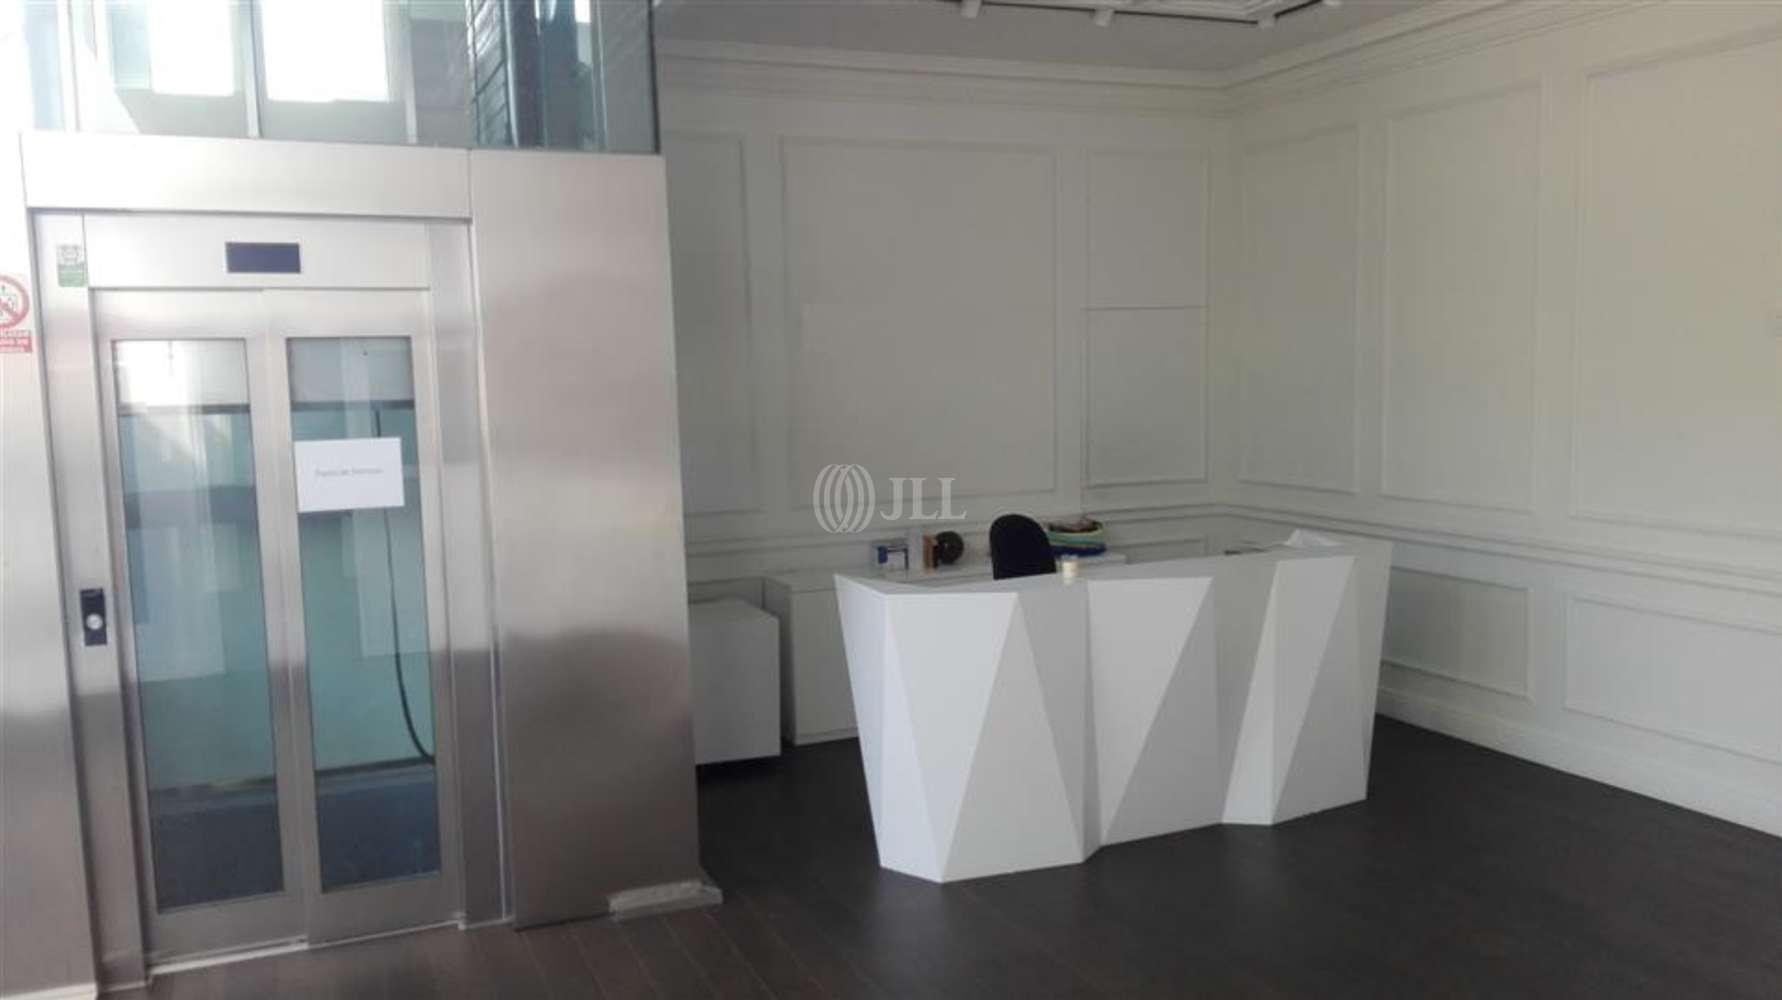 Naves industriales y logísticas A coruña, 15190 - Nave Industrial - B0410 - PARQUE INDUSTRIAL VIO - 8253